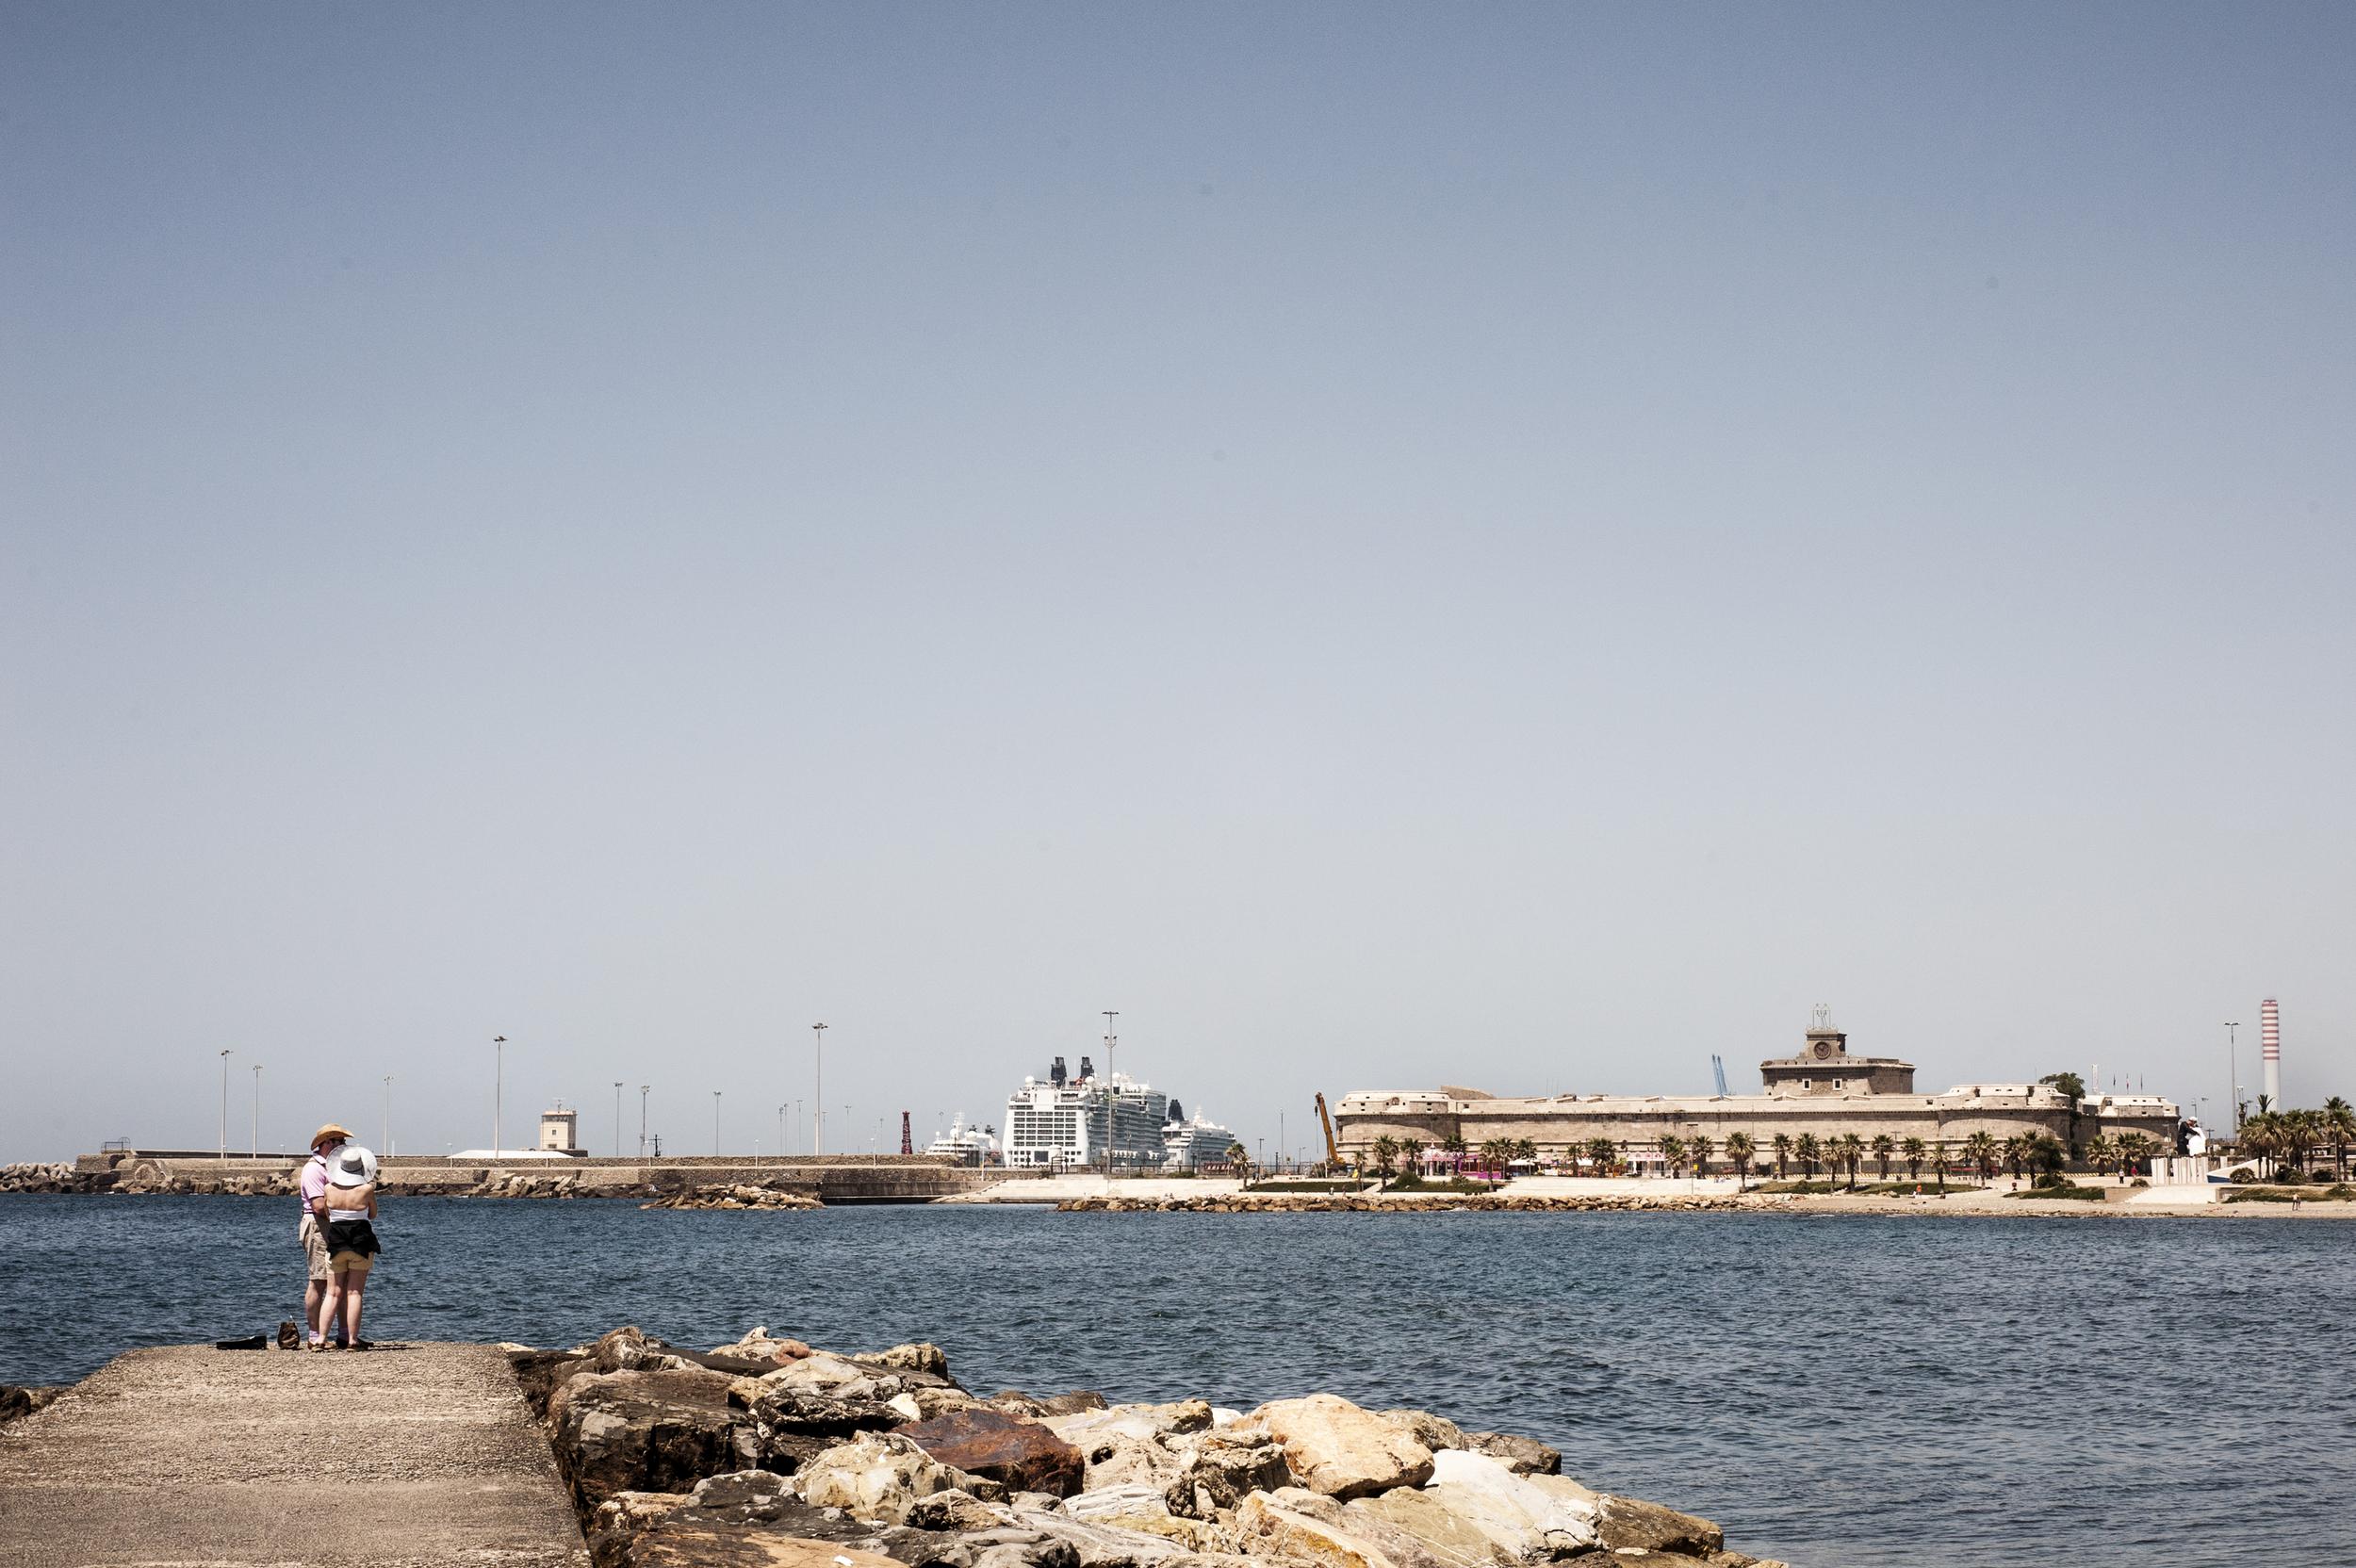 In estate a Civitavecchia sbarcano circa 12mila persone al mese: molti turisti preferiscono fermarsi per passare una giornata al mare, piuttosto che andare a visitare Roma. (Giulia Morelli)